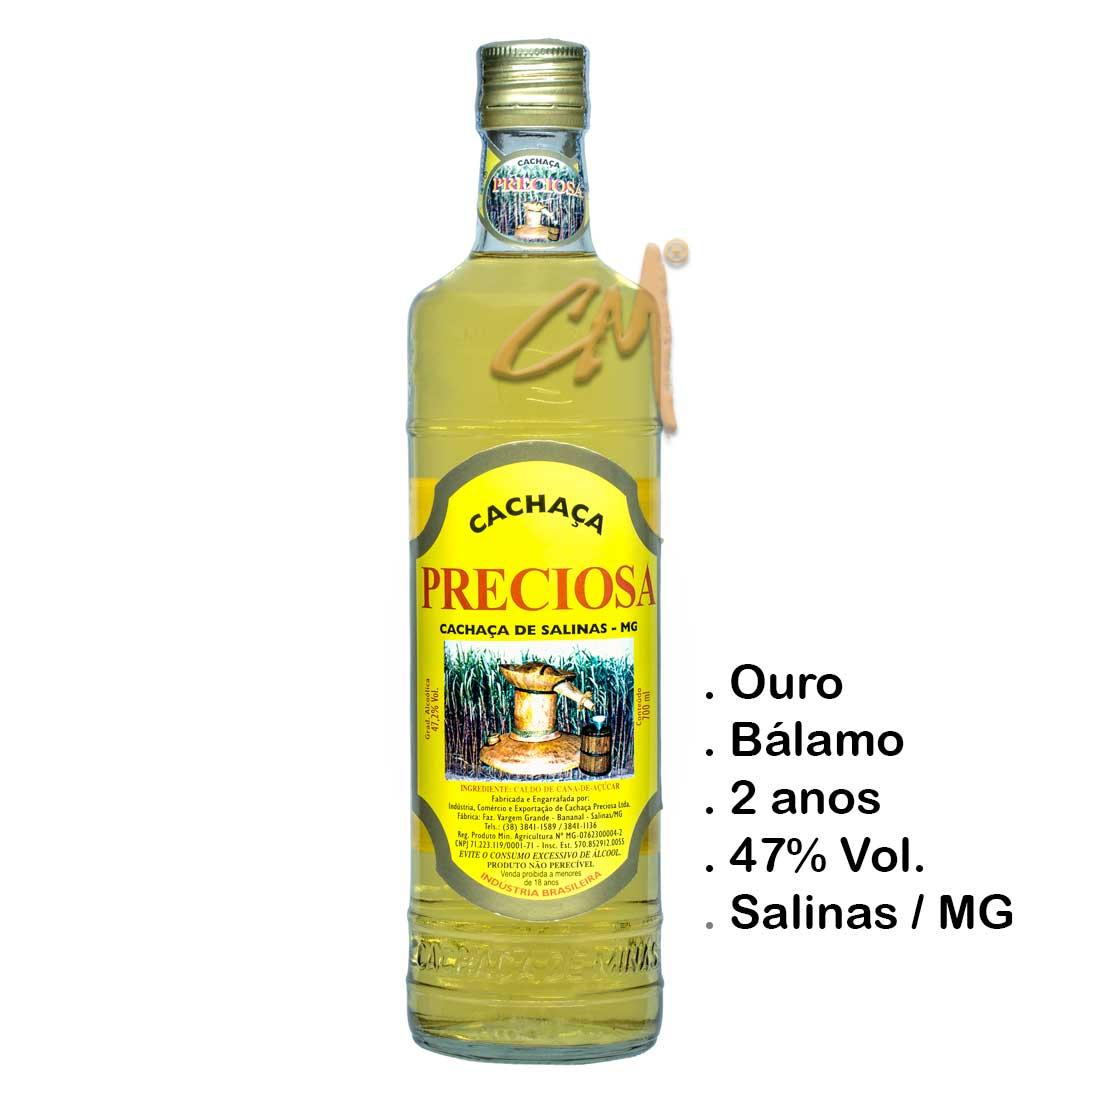 Cachaça Preciosa 700 ml (Salinas -MG)